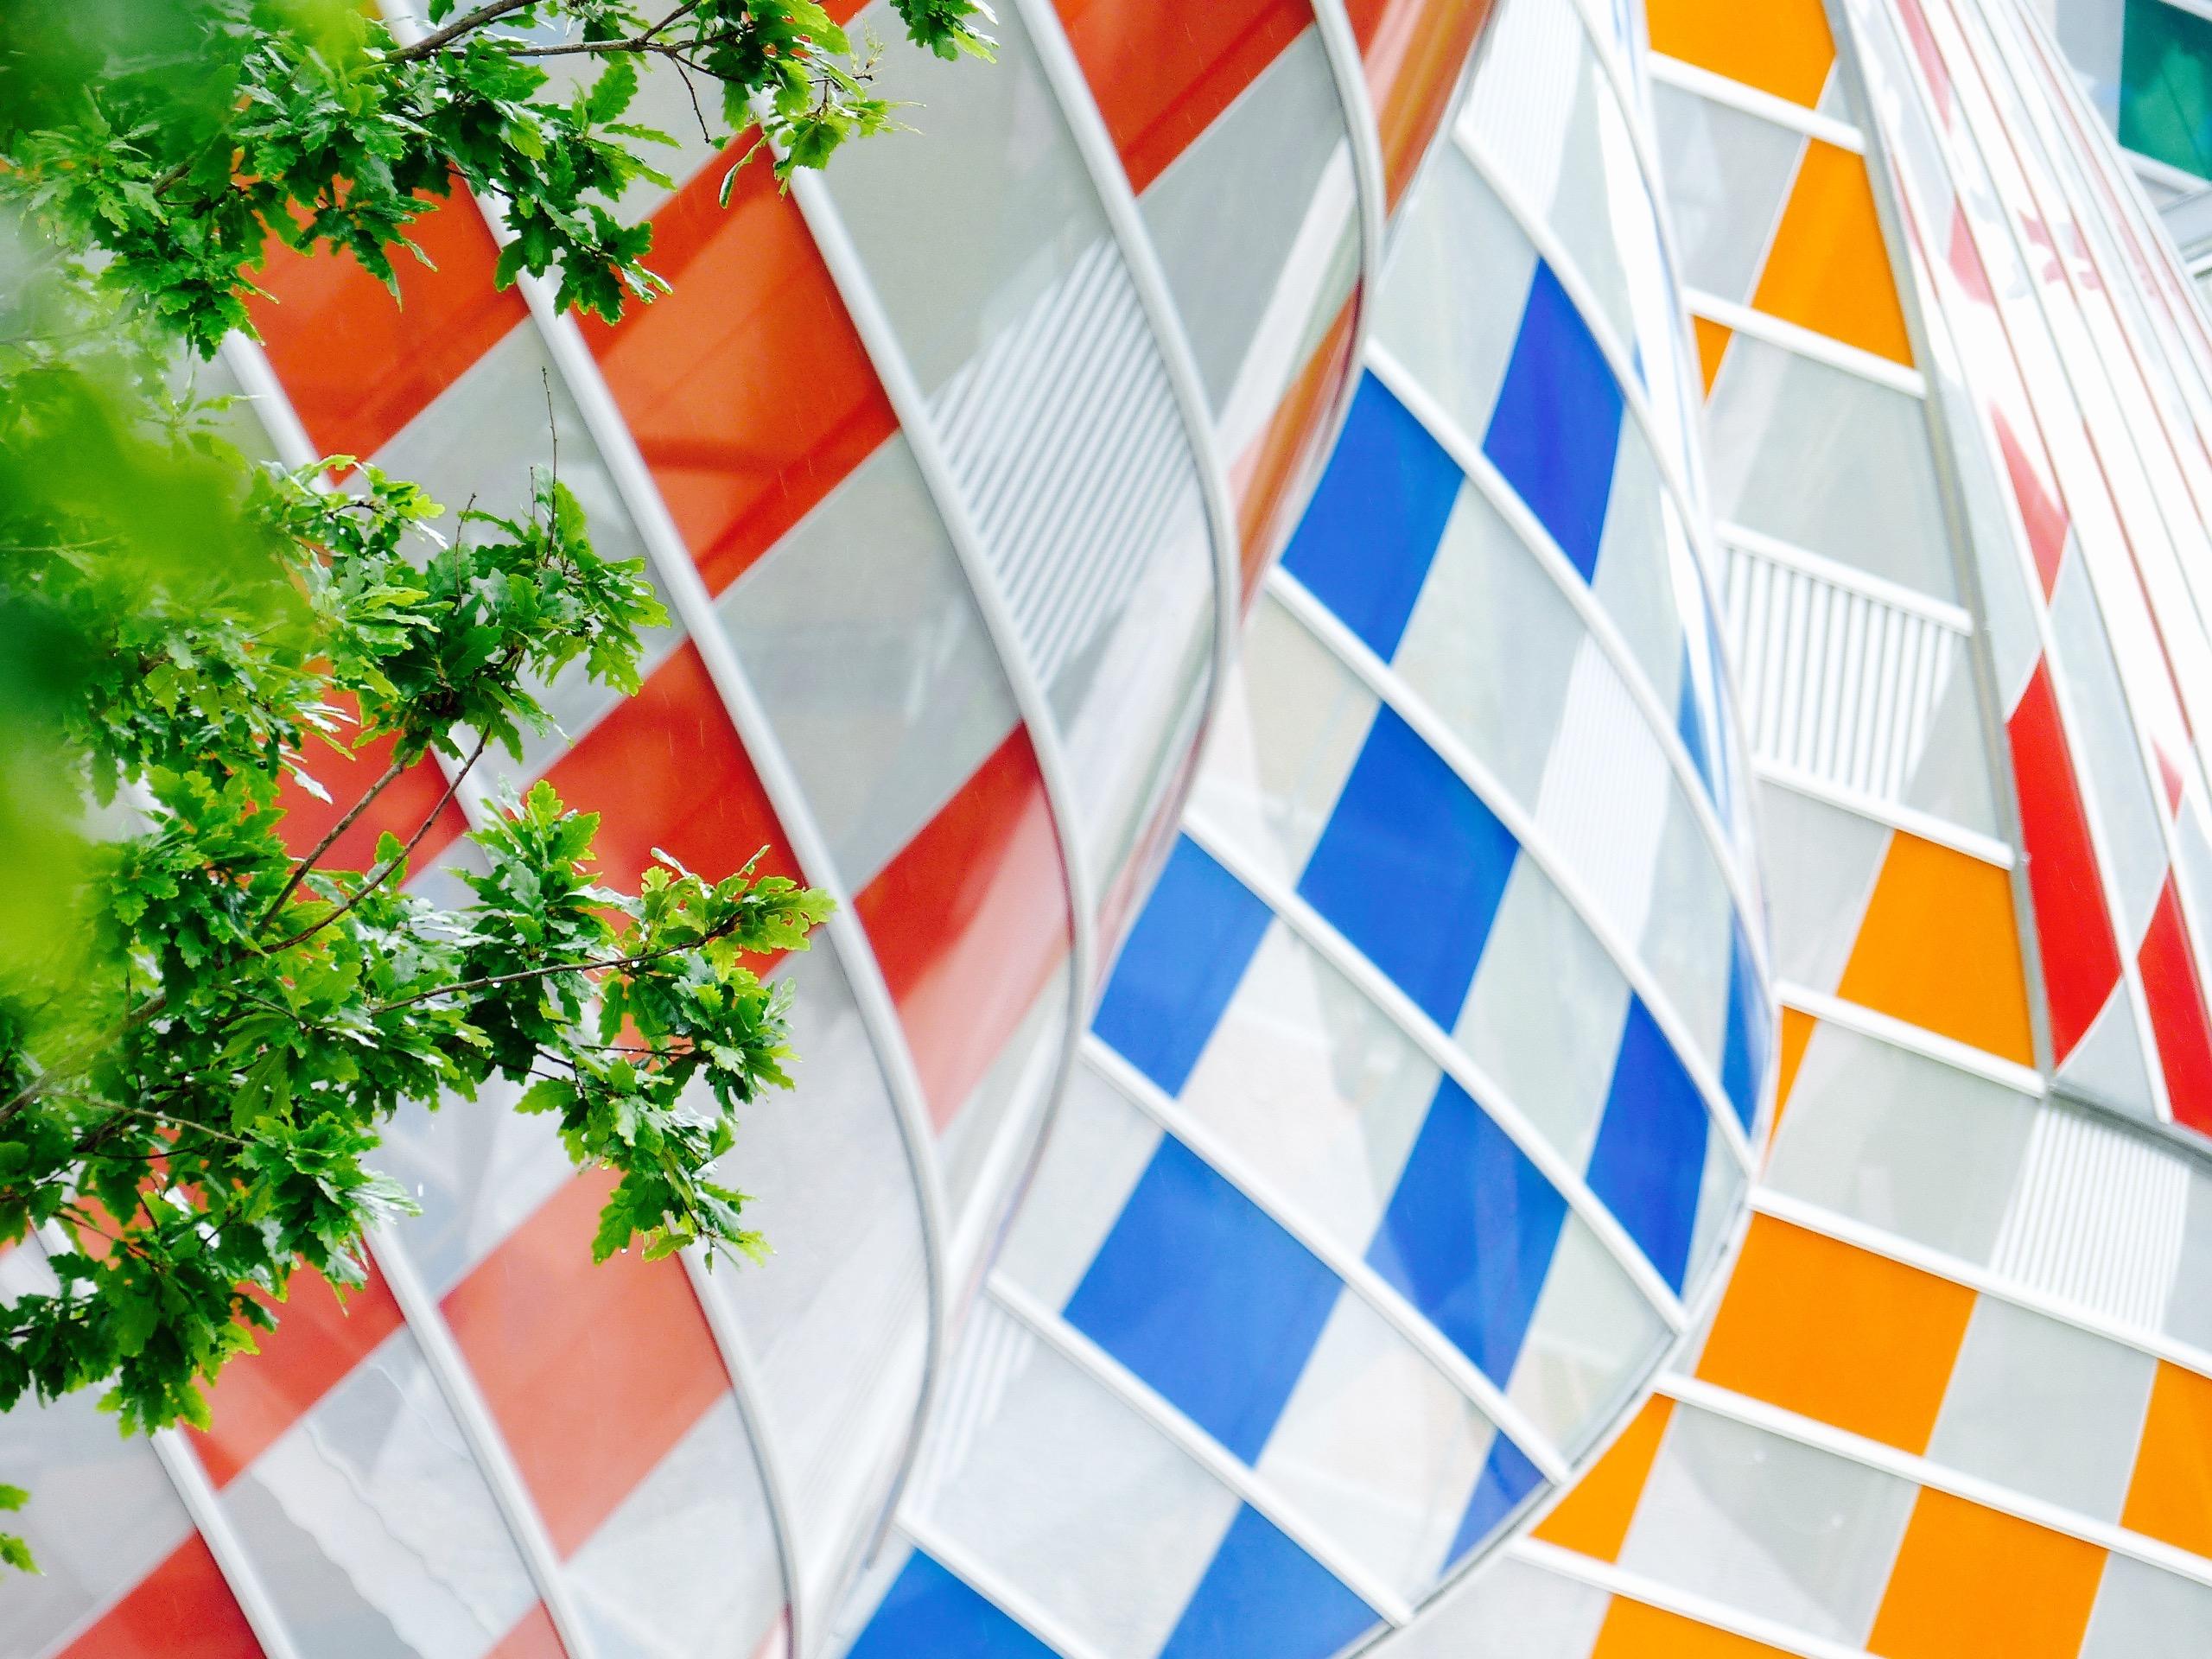 Fondation Louis Vuitton Blog Lifestyle